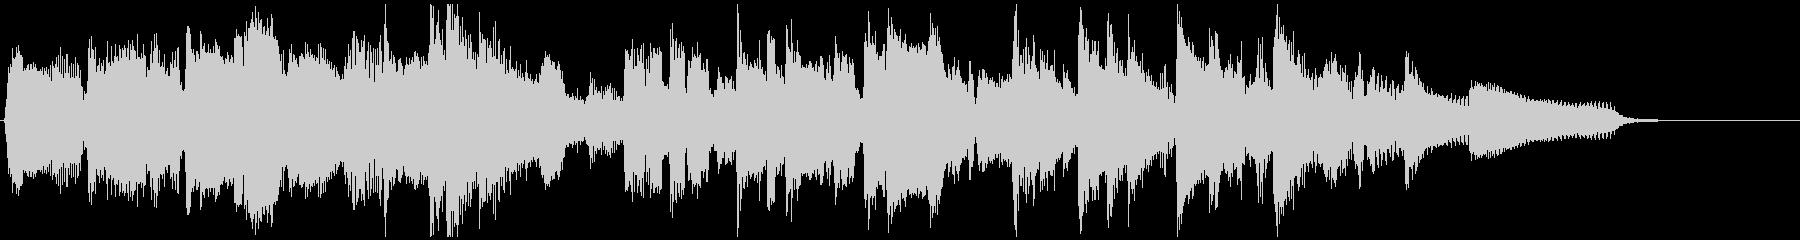 15秒CM用テンポ良いウキウキしたジャズの未再生の波形